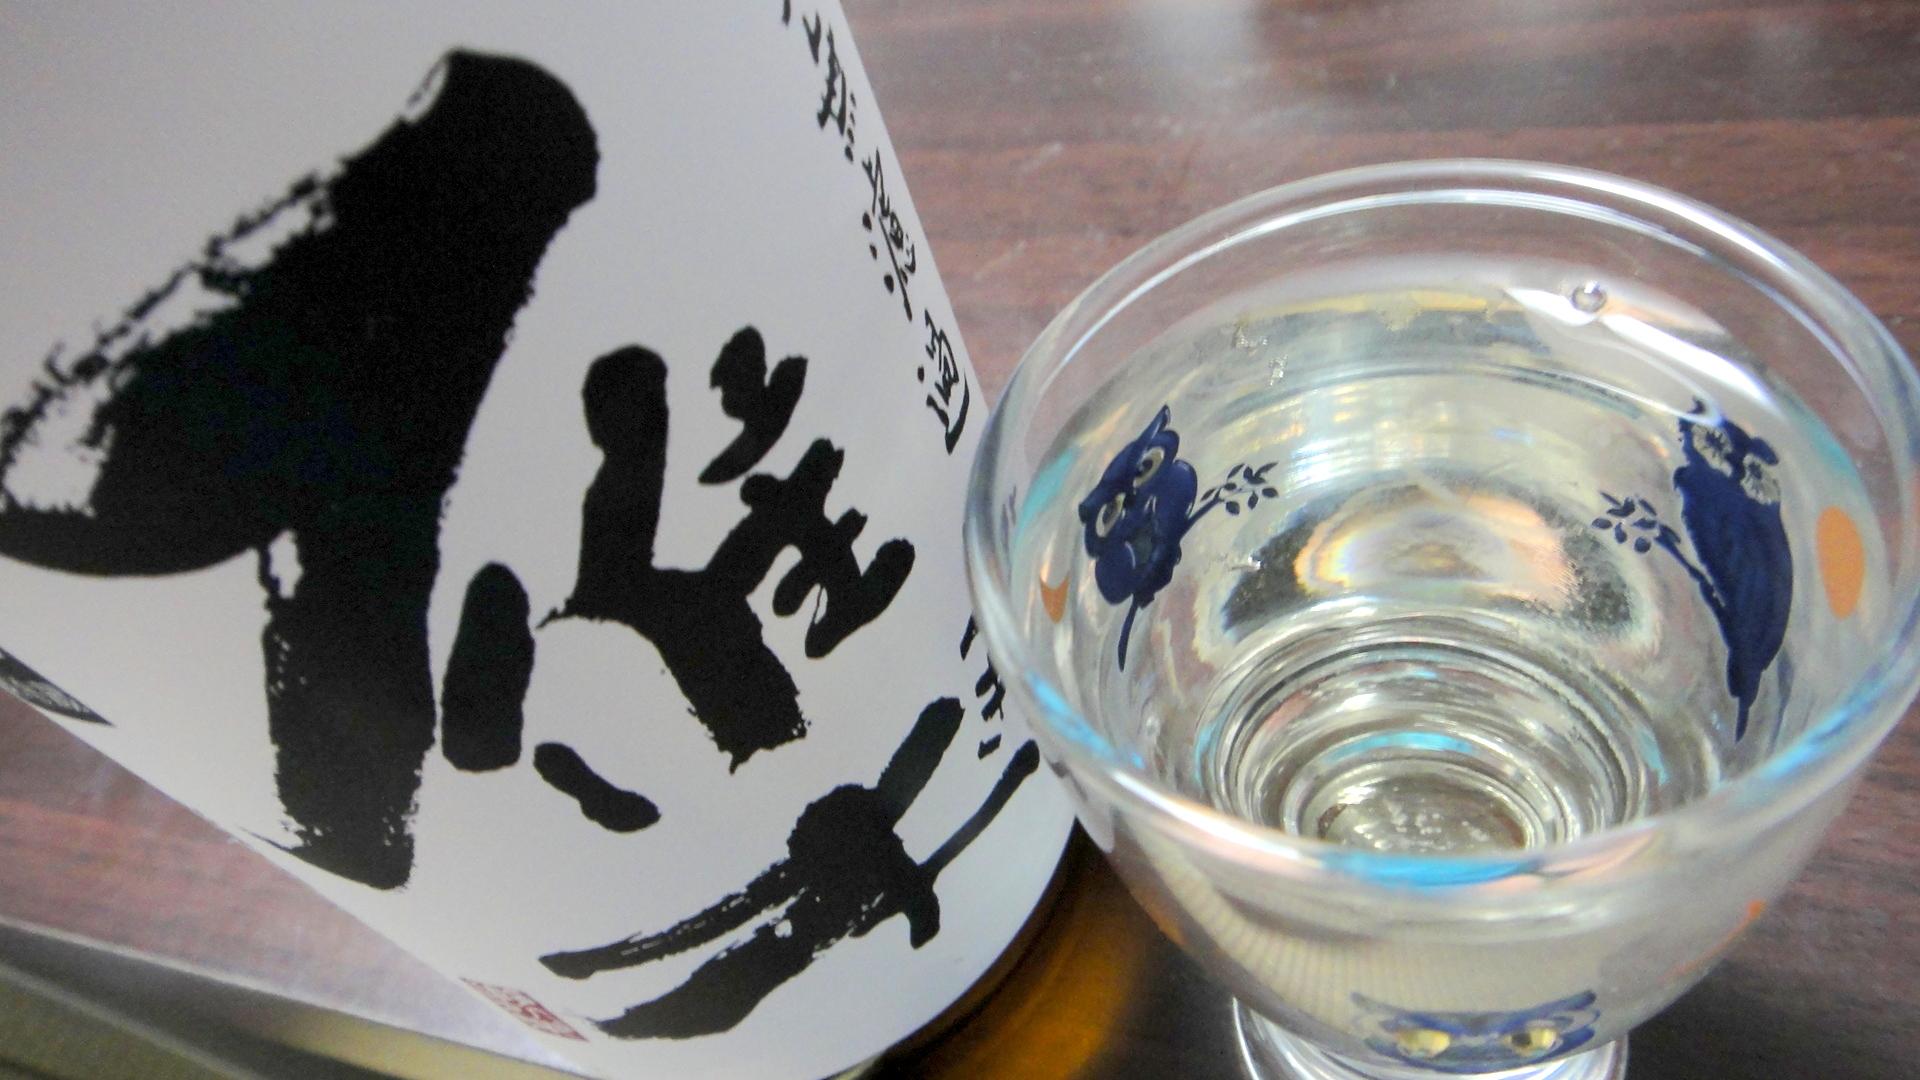 獺祭だけじゃない!! 山口県の美味しい日本酒 『雁木』 の魅力のサムネイル画像